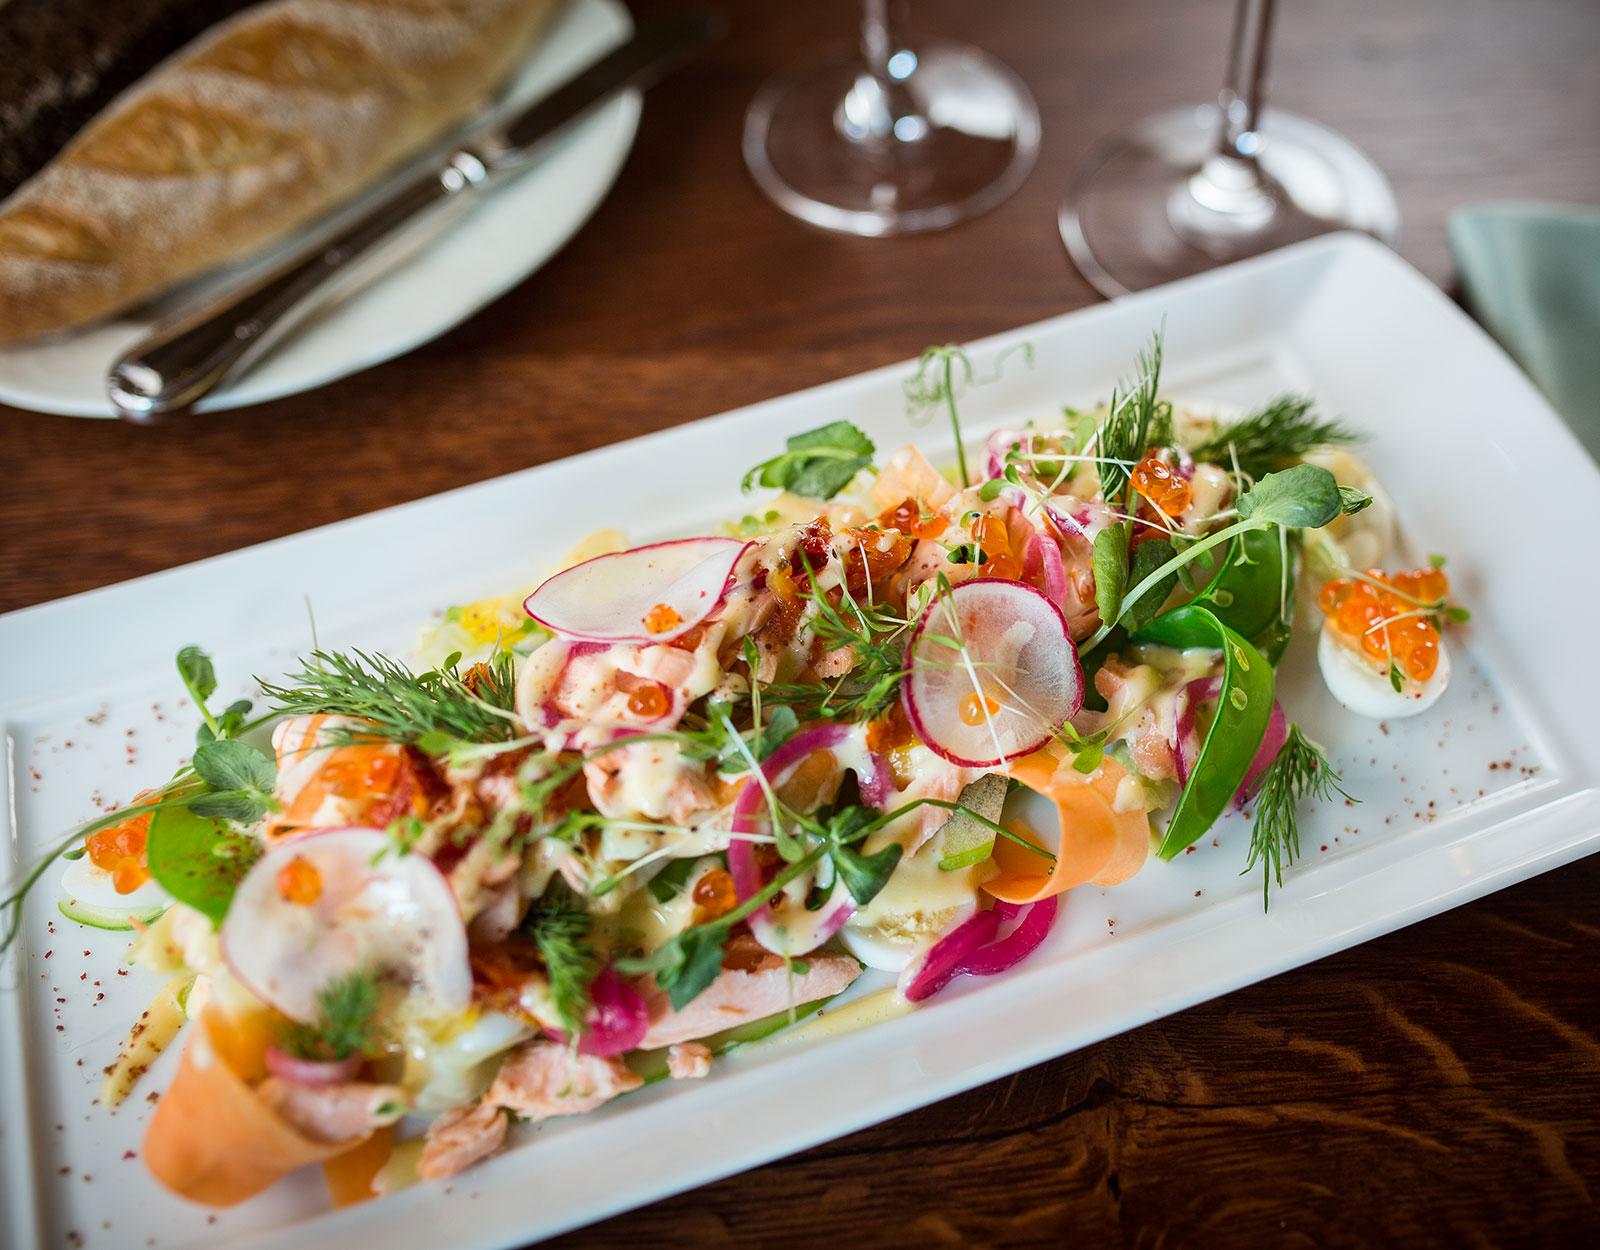 Салатъ изъ лососины с оранжевым соусом